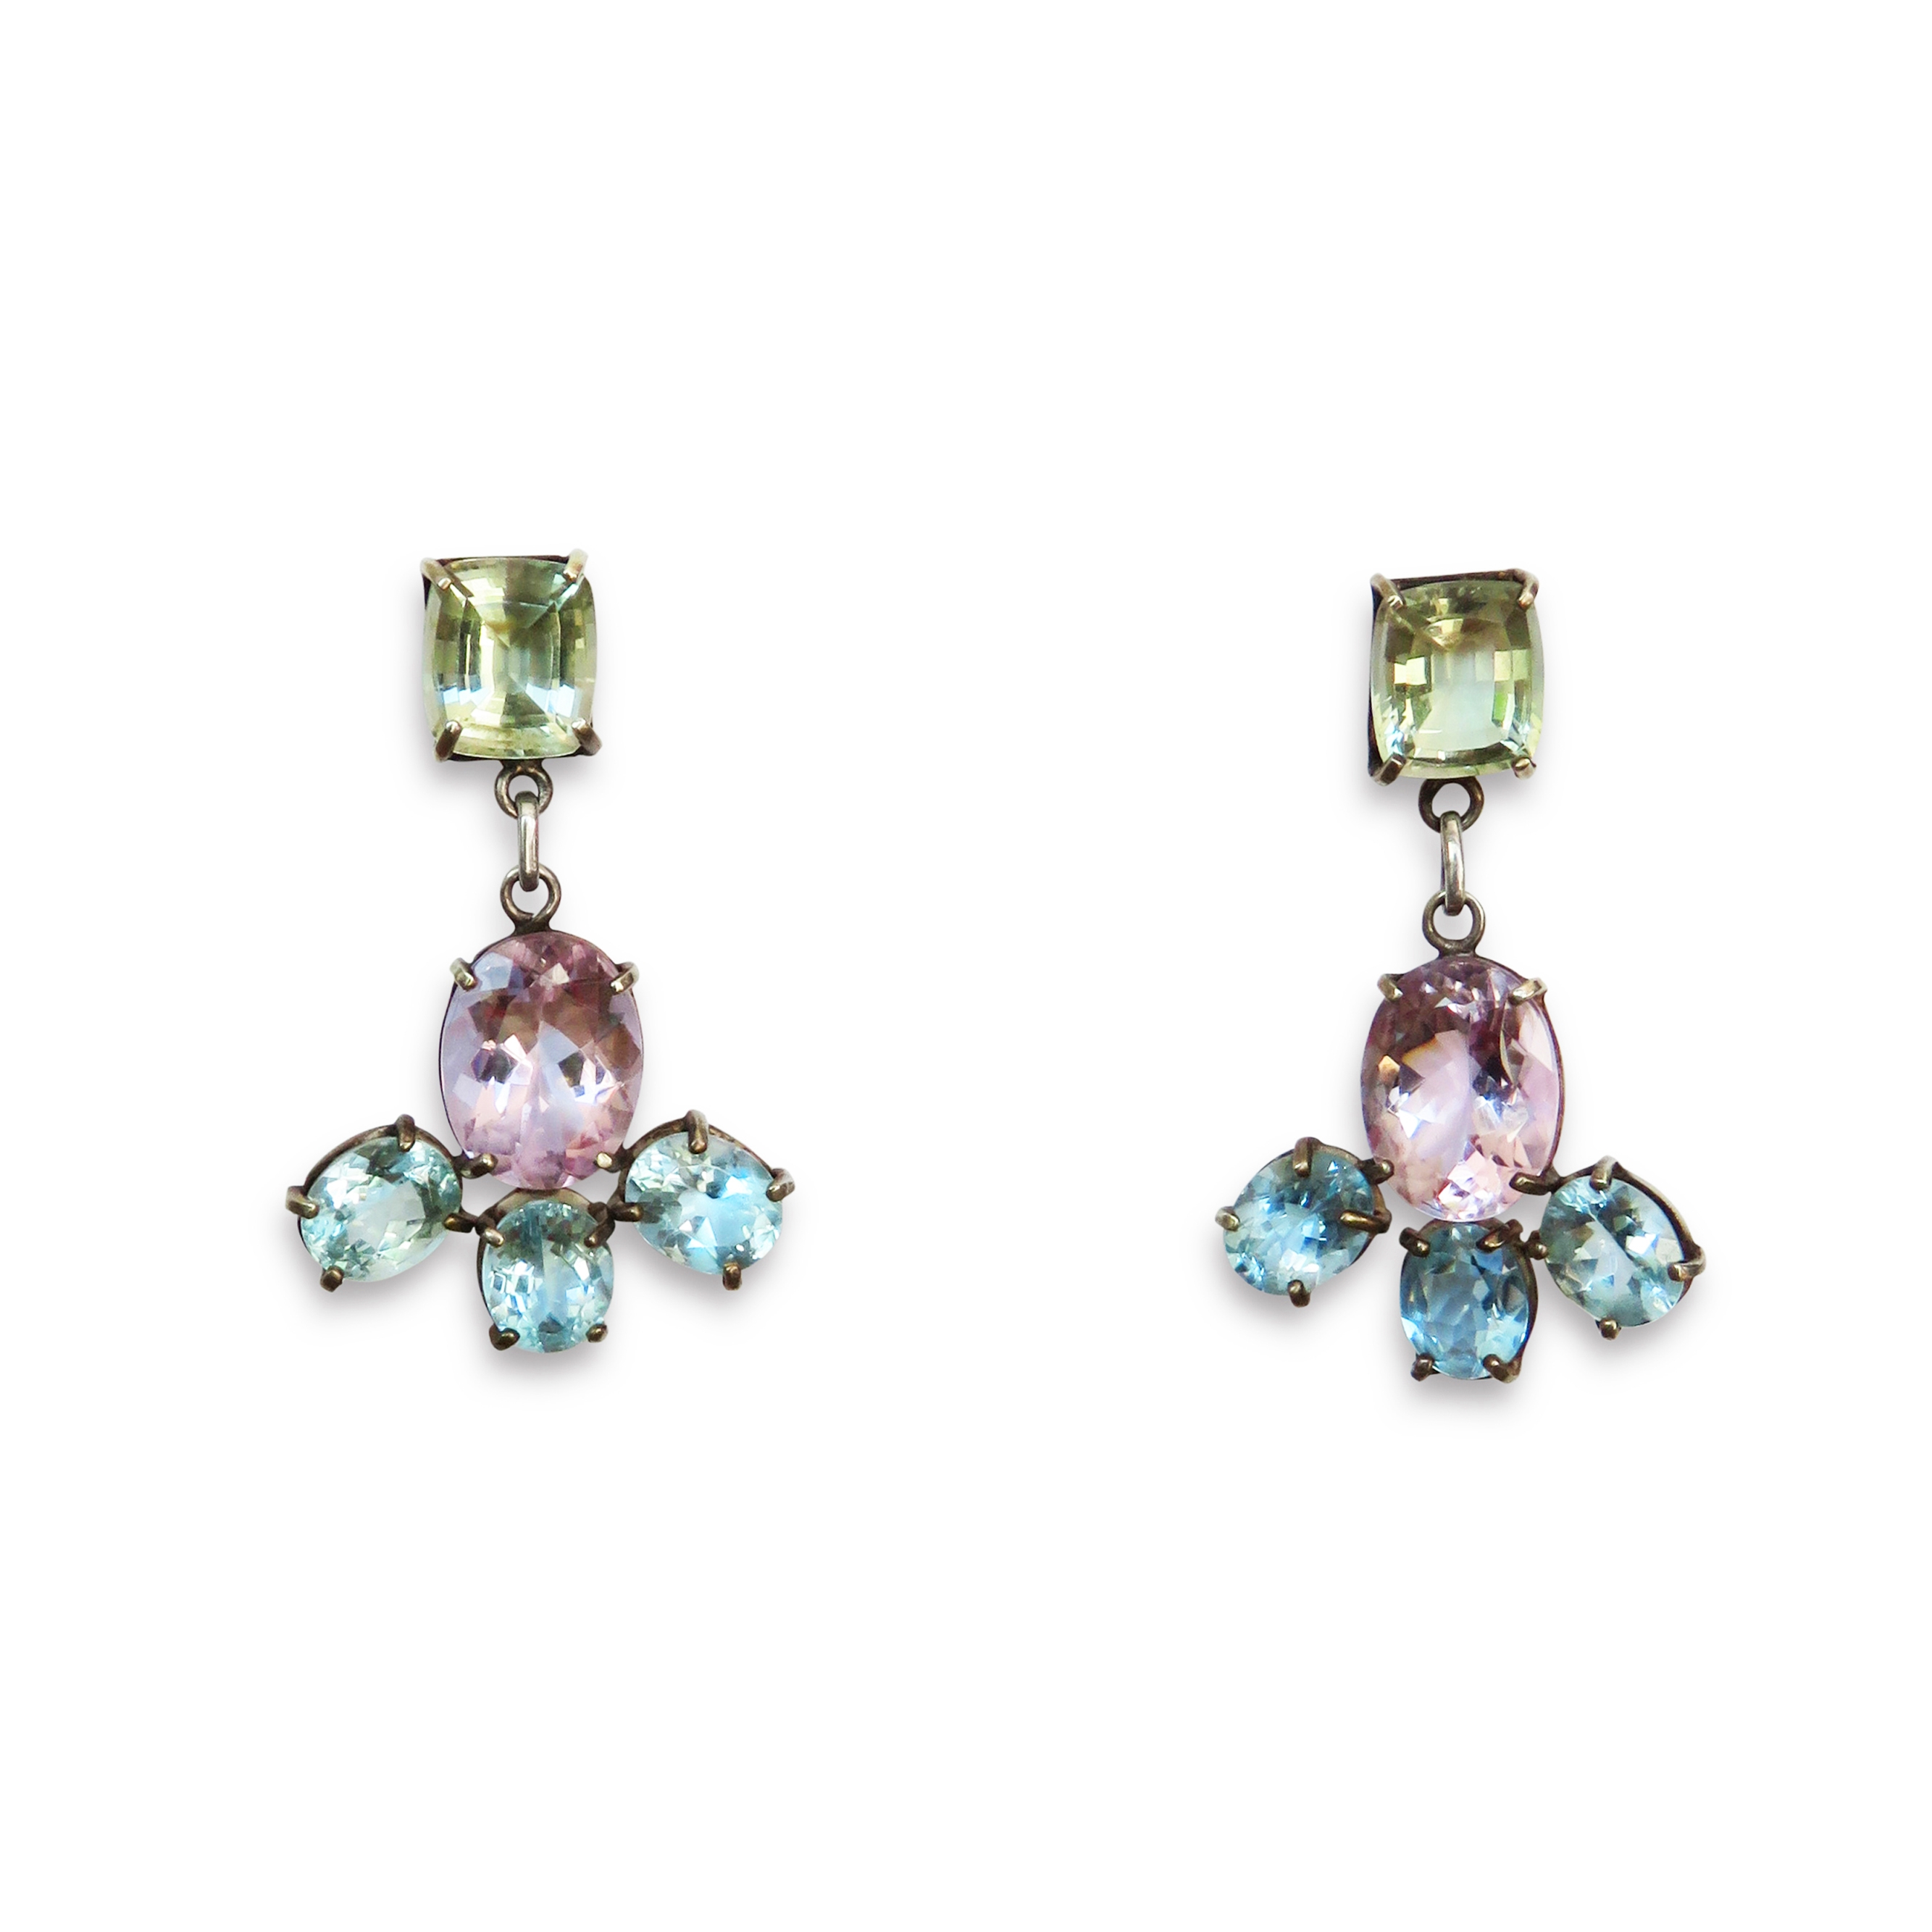 ISABEL ENGLEBERT Elizabeths Stone Earrings